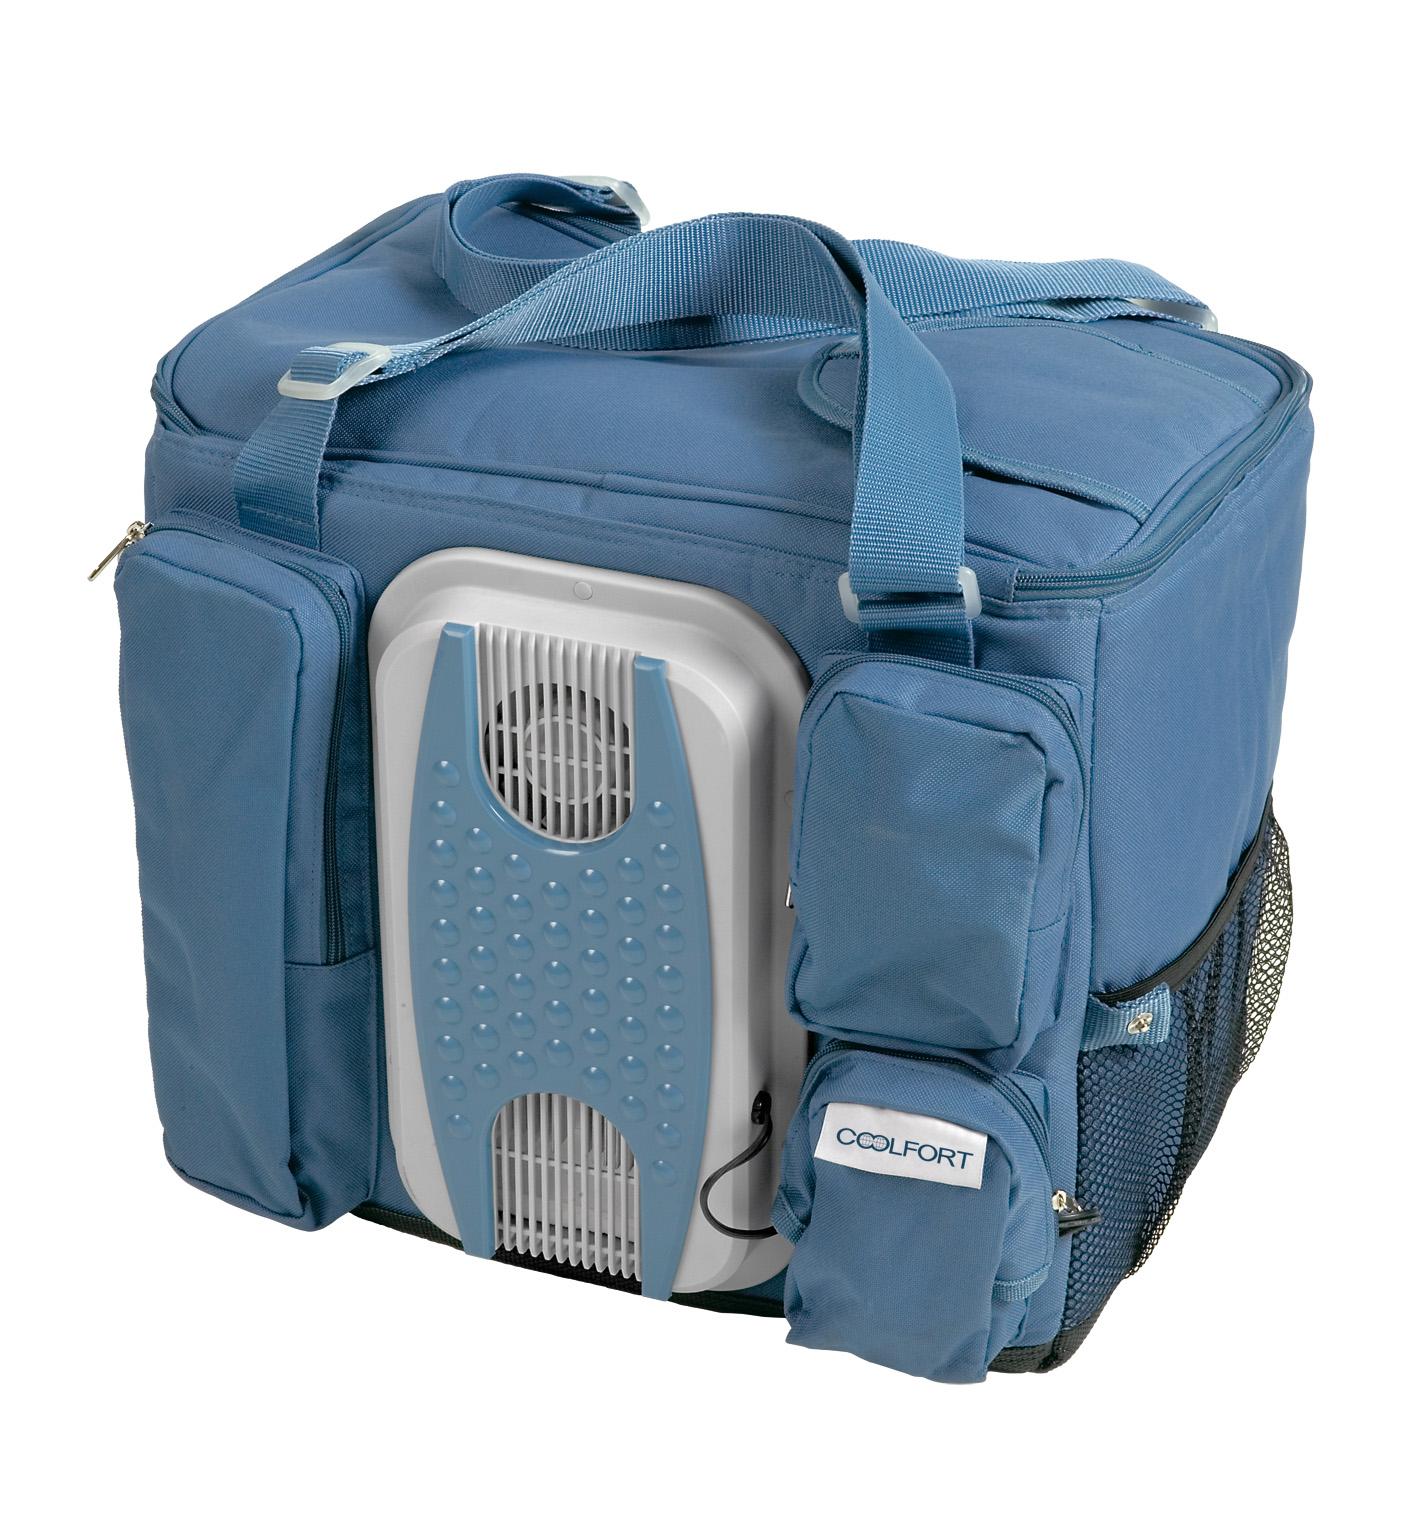 Как выбрать сумку-холодильник: основные параметры и характеристики